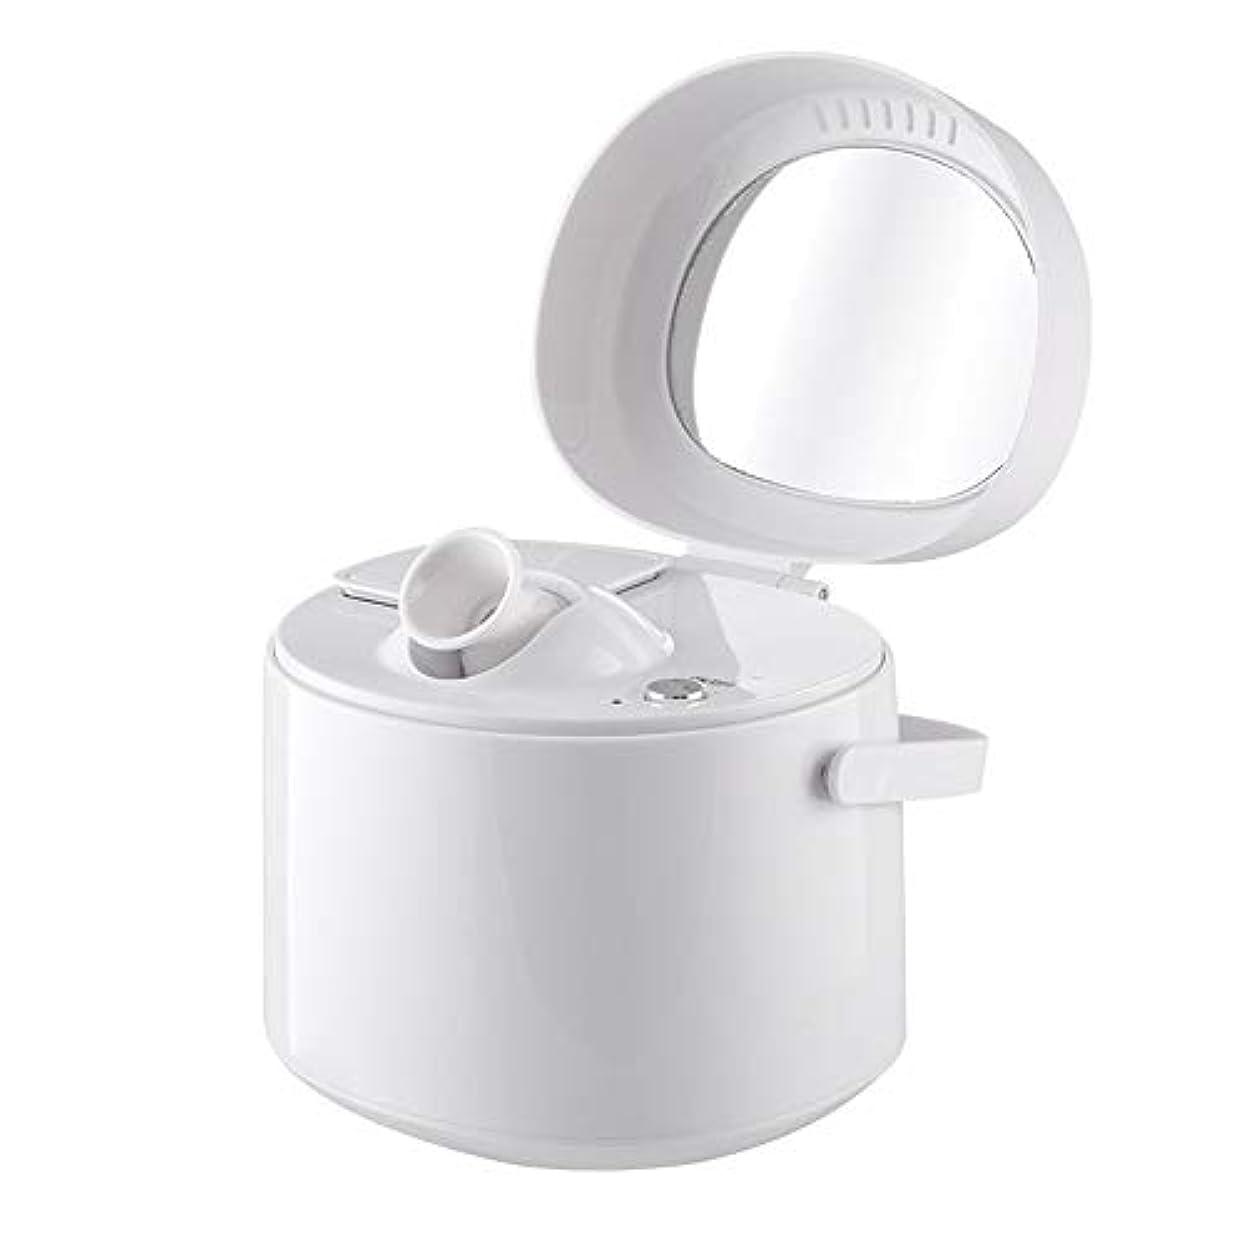 誰も壮大征服ZXF ホットスプレースチームフェイス美容器具ホームナノイオン保湿スプレー美容器具美容ミラーホワイト 滑らかである